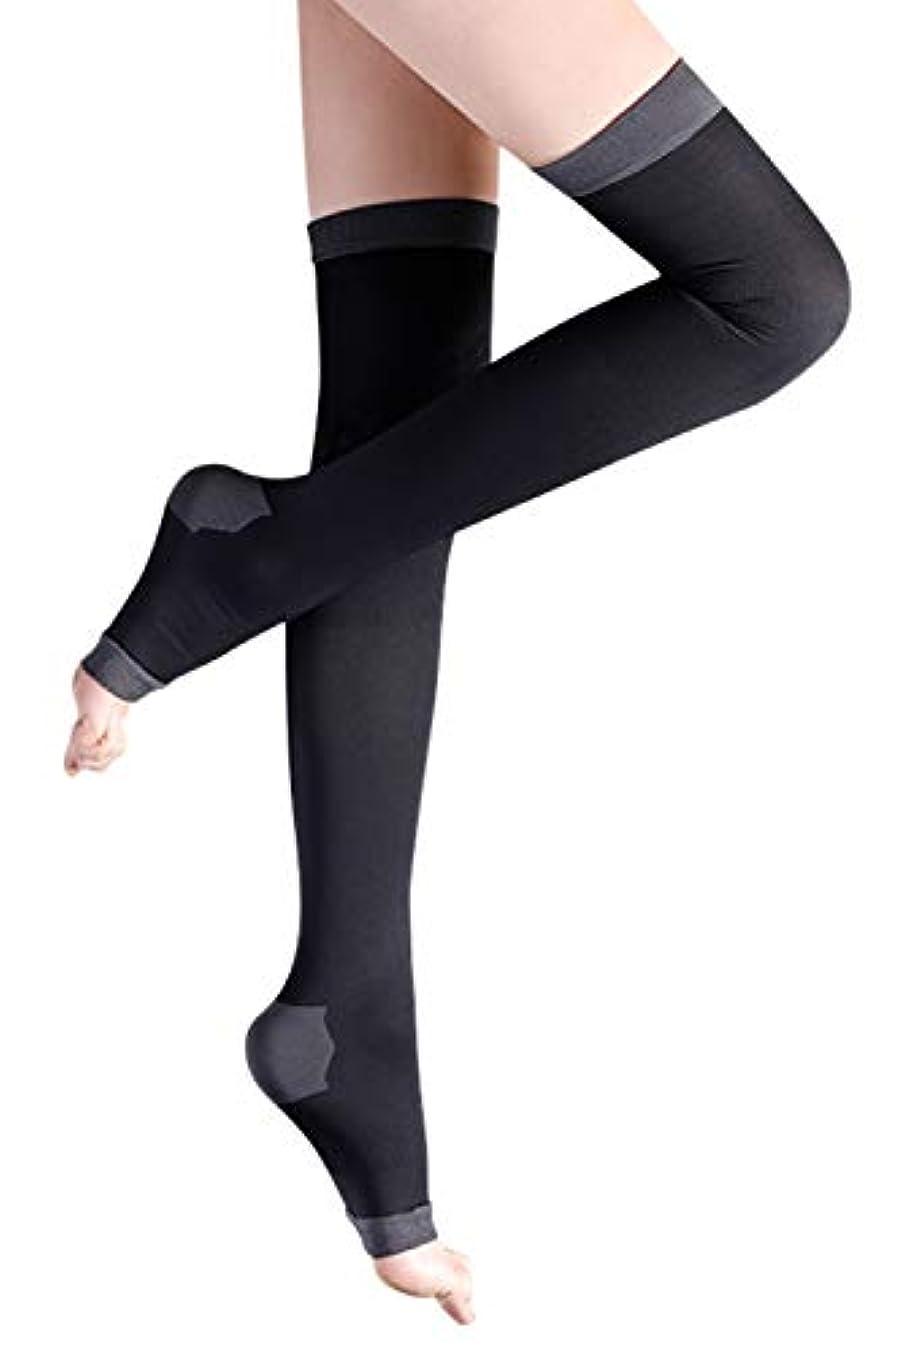 スロープ急性申請者着圧ソックス レディース ロング 健康?美容ソックス 着圧 靴下